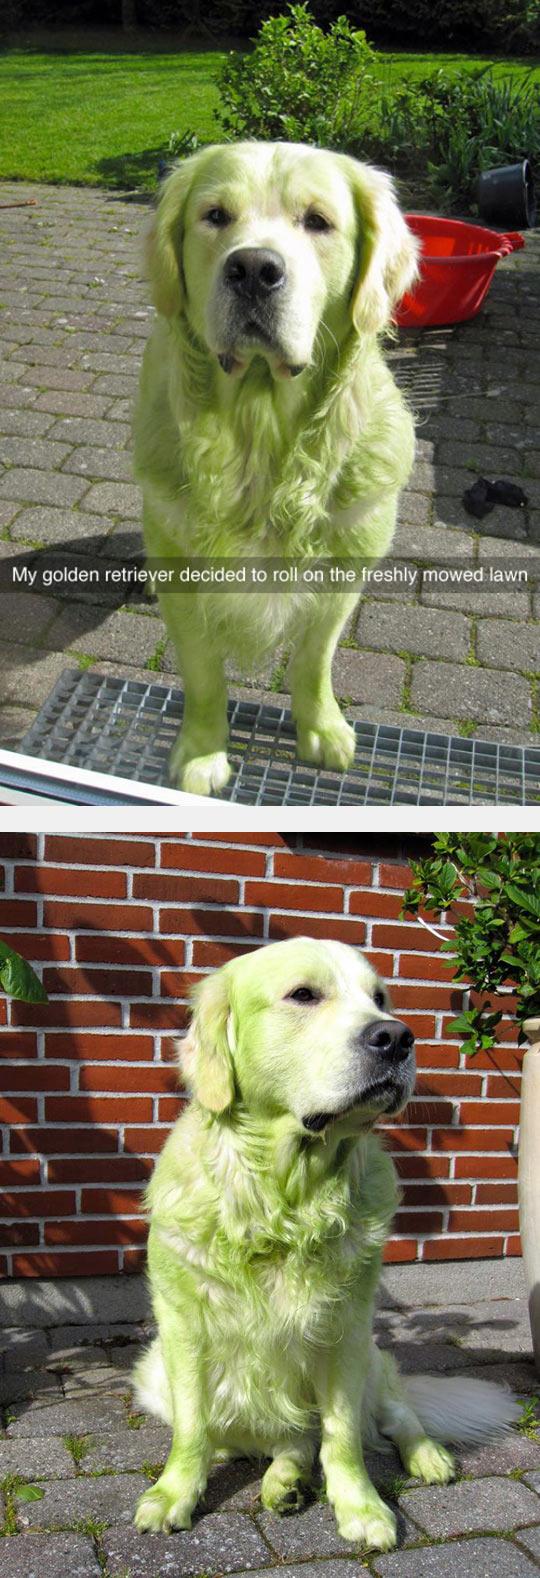 funny-dog-green-fur-mowed-lawn